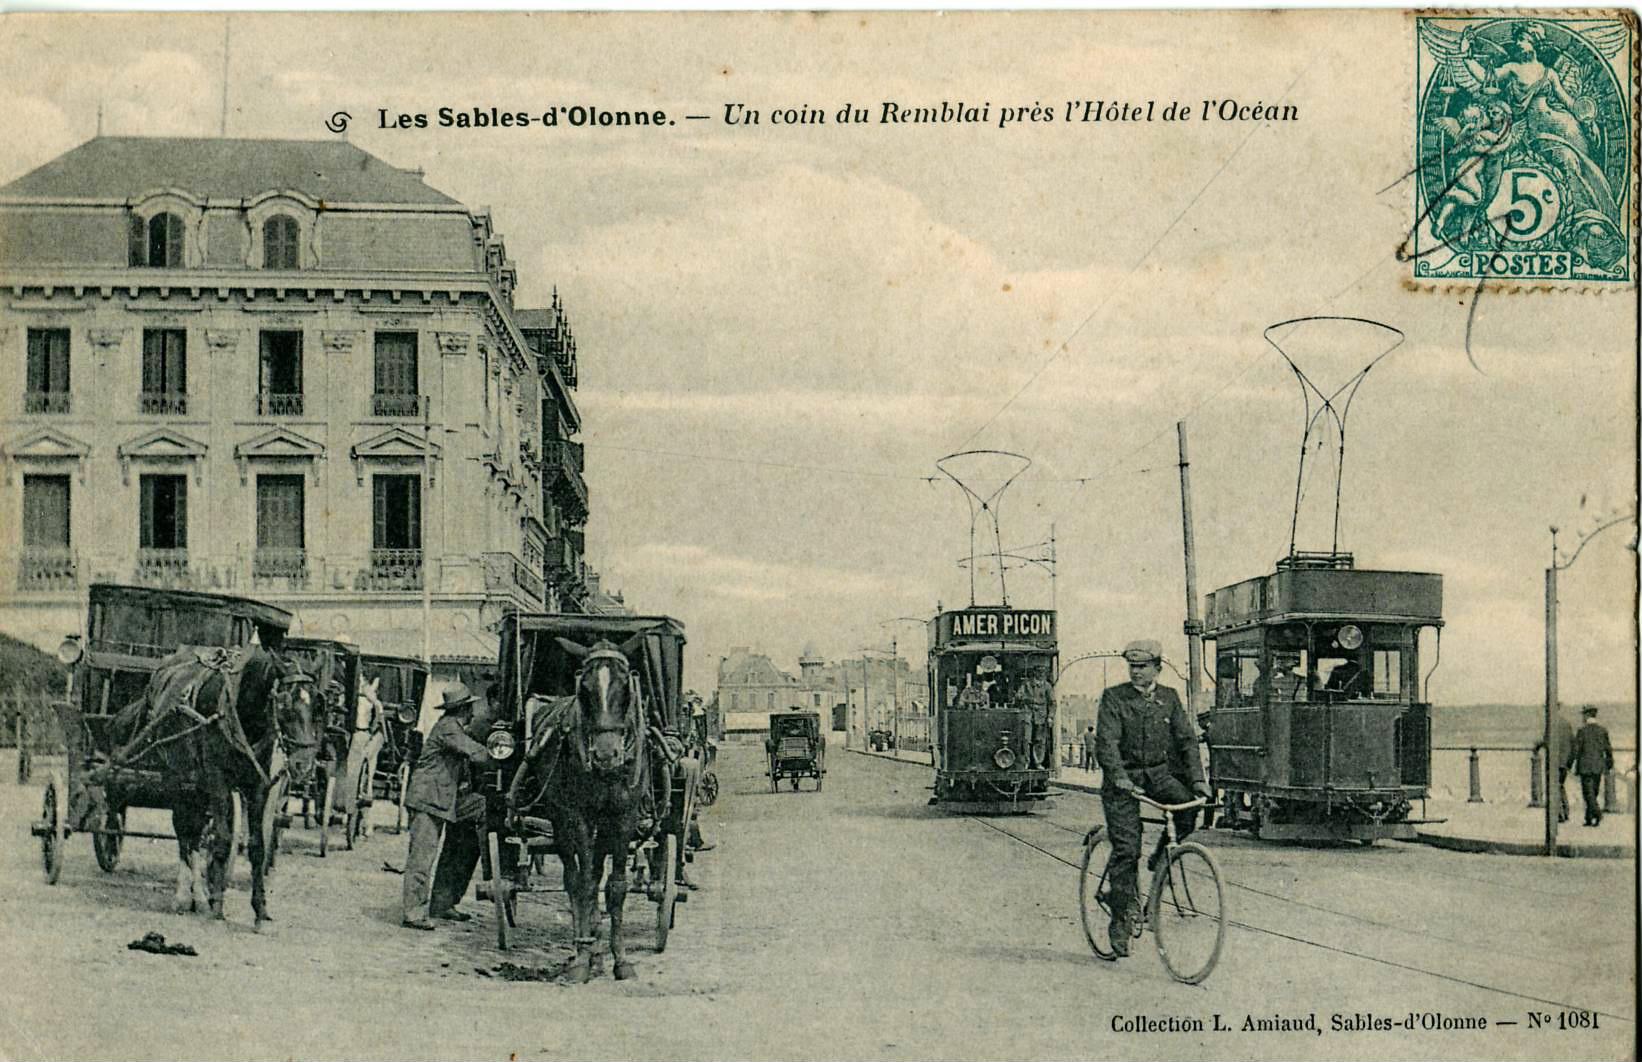 File:Amiaud 1081 - LES SABLES D'OLONNE - Un coin du Remblai près